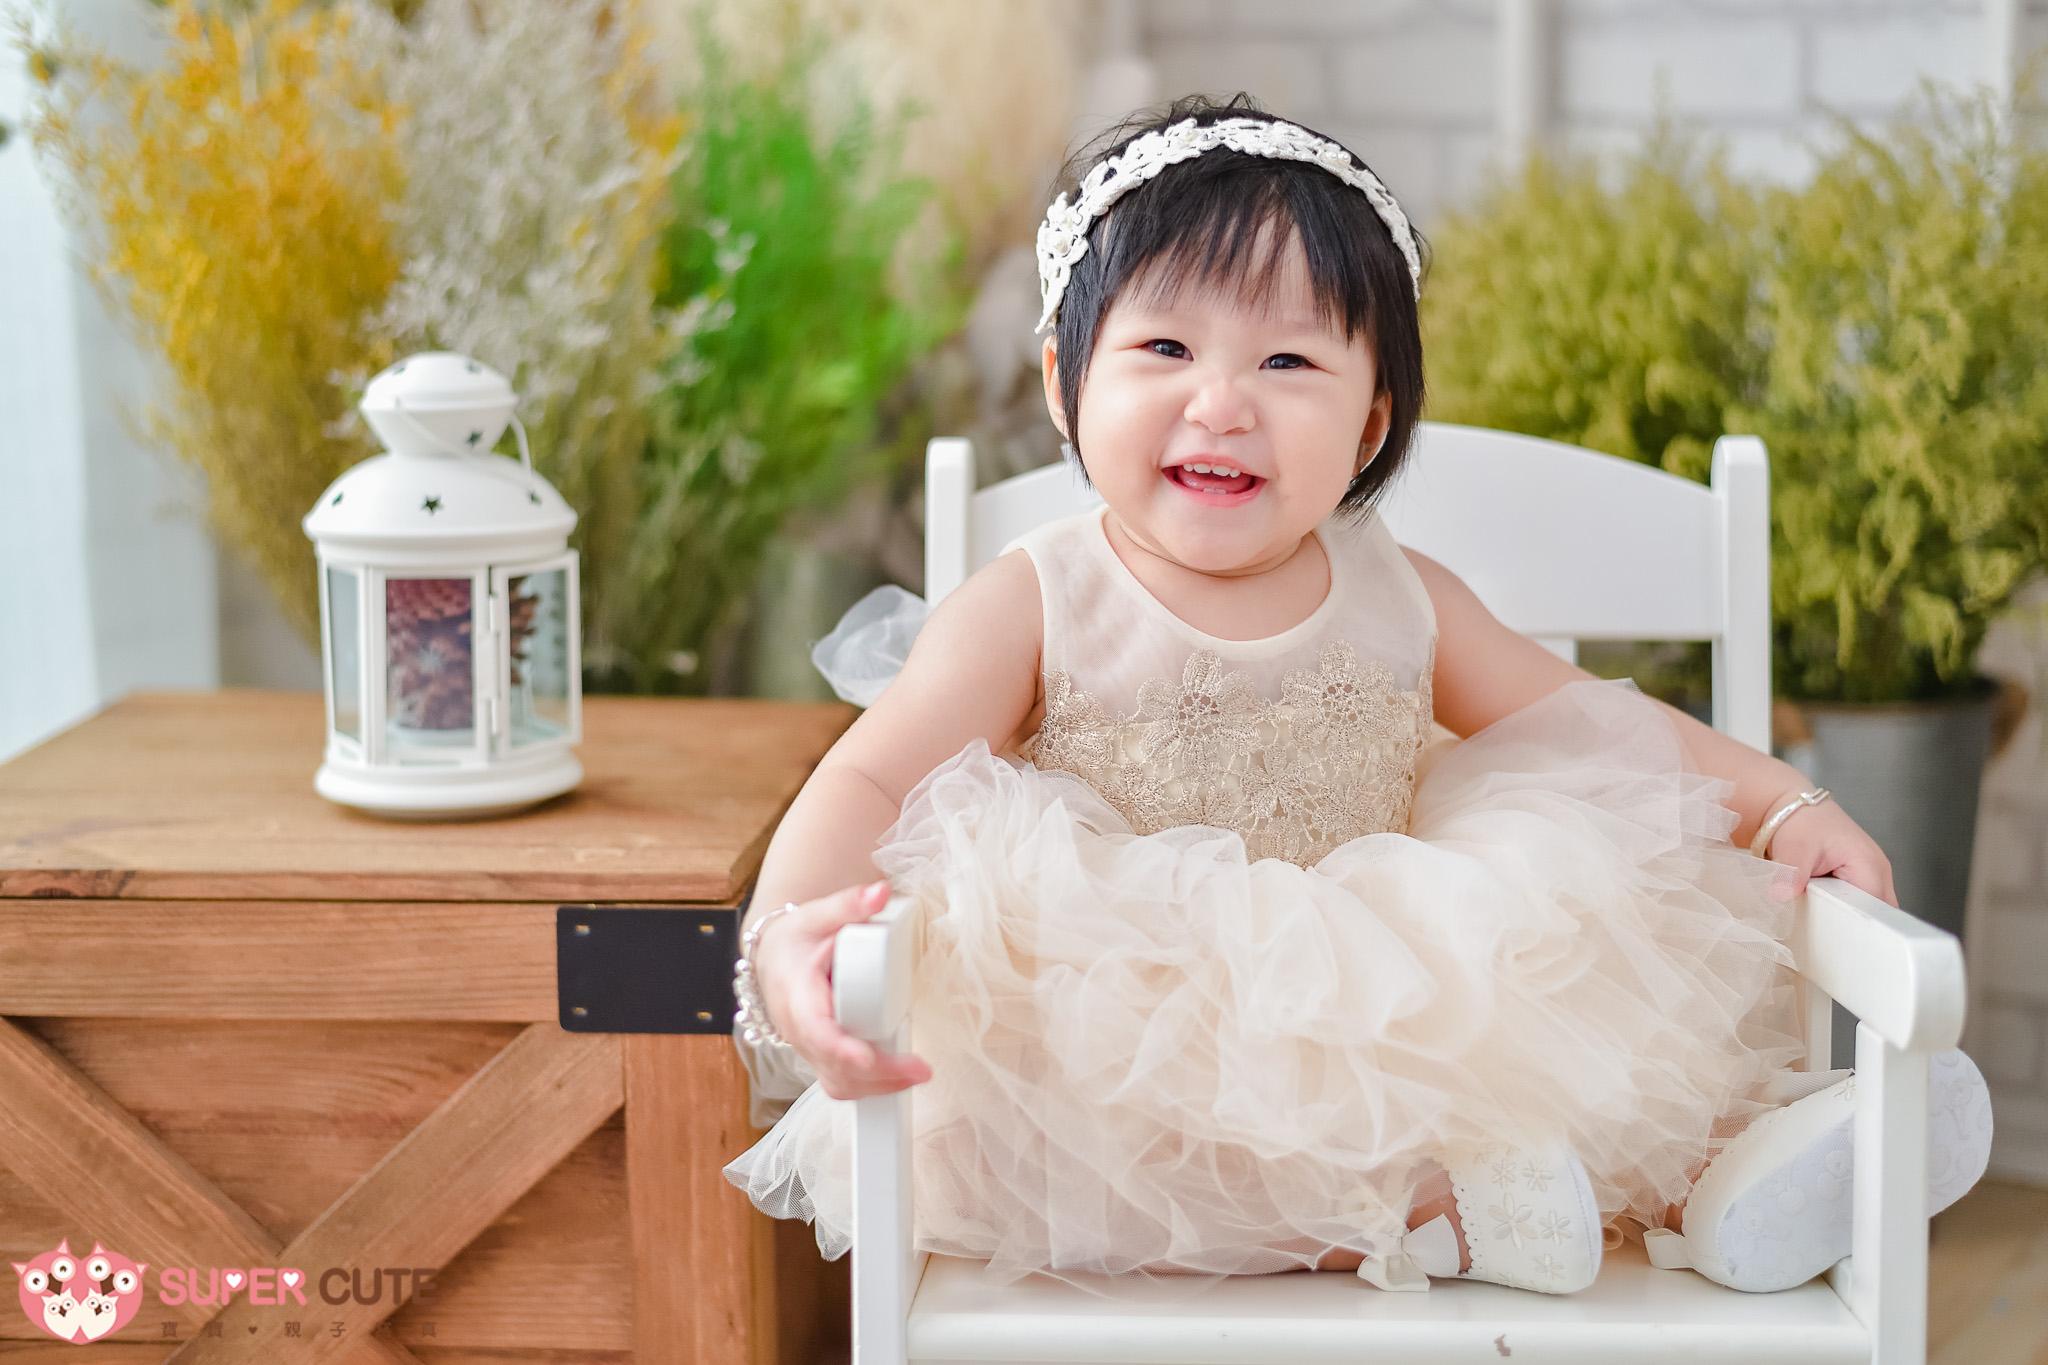 寶寶寫真,兒童寫真,supercute,,小朱爸,親子寫真